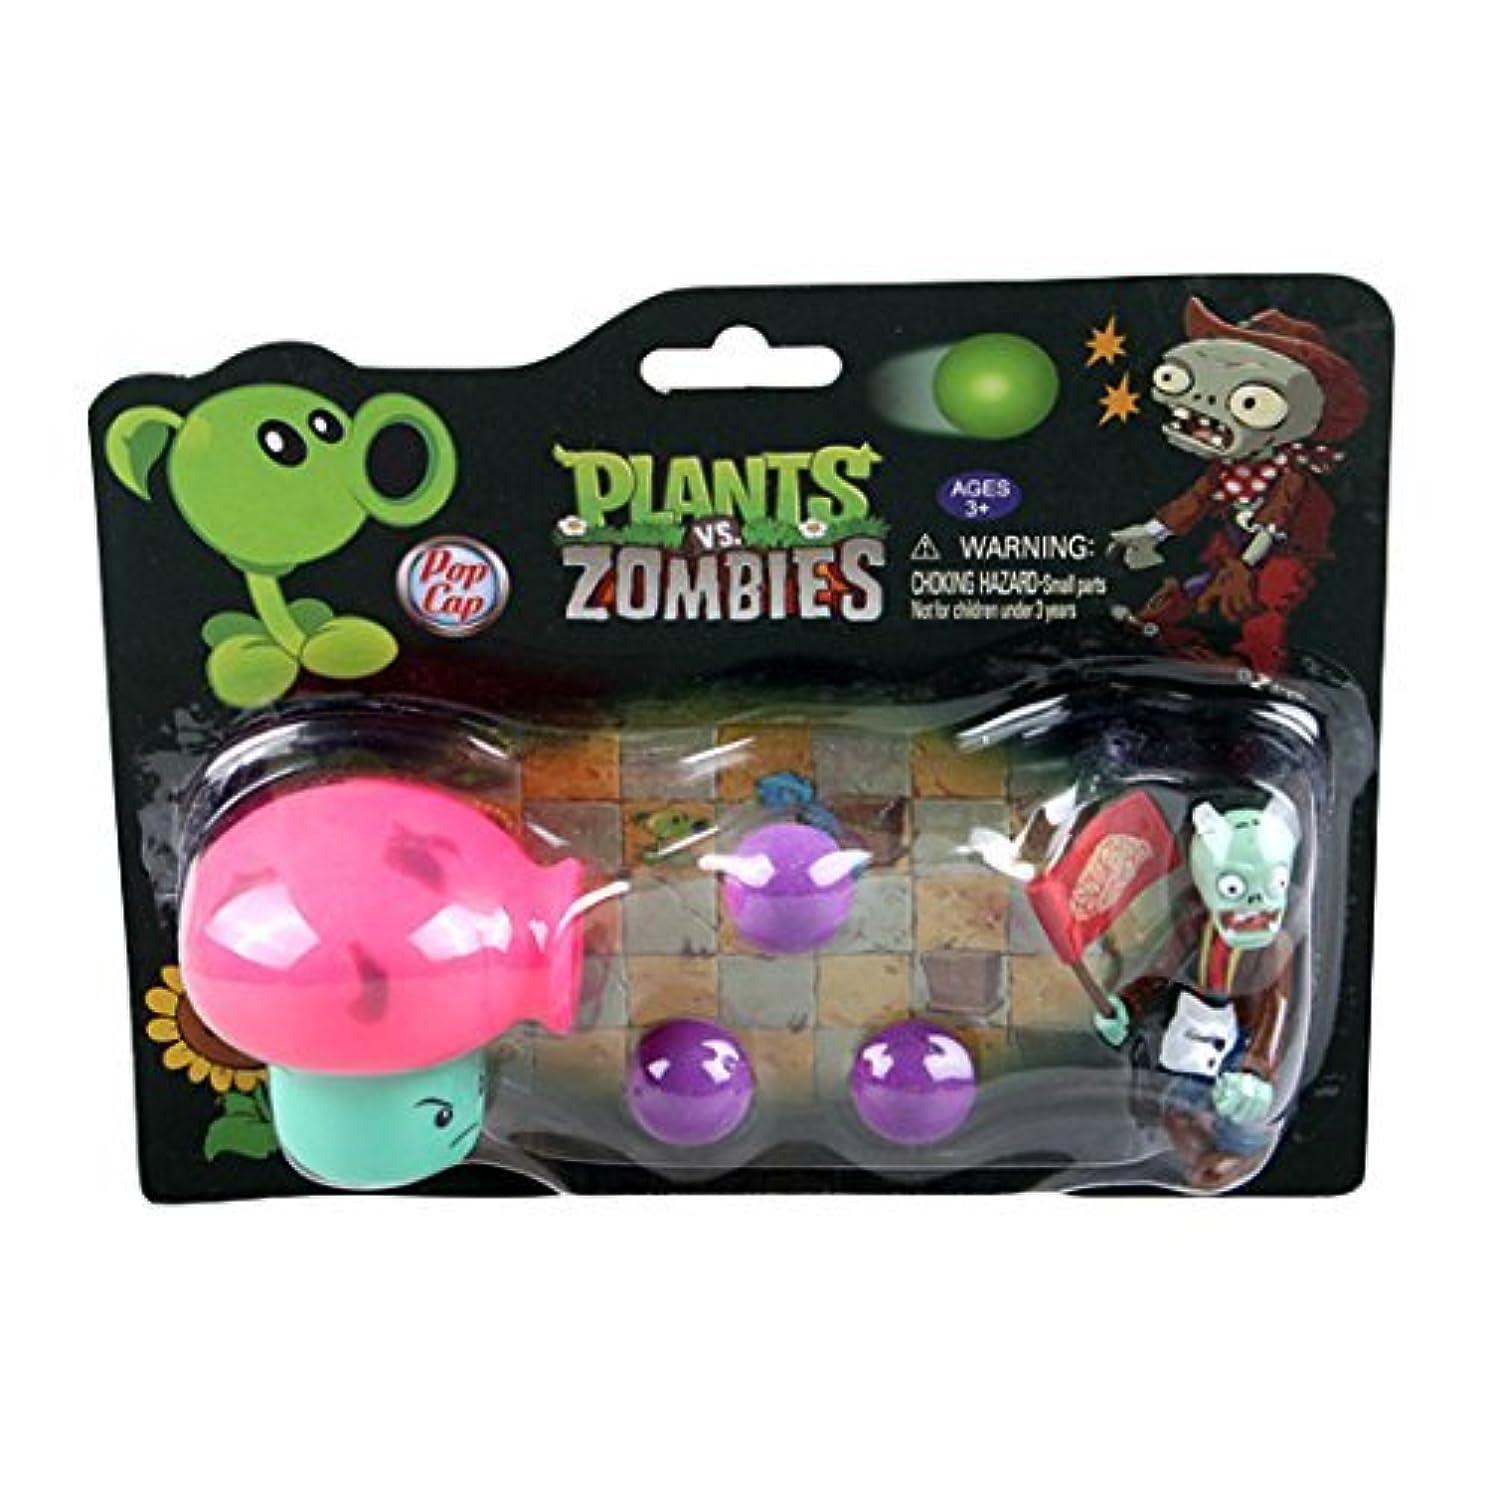 成熟した暖かくオーラルToyswill ® Plants vs ZombiesマッシュルームShooter PVCおもちゃ